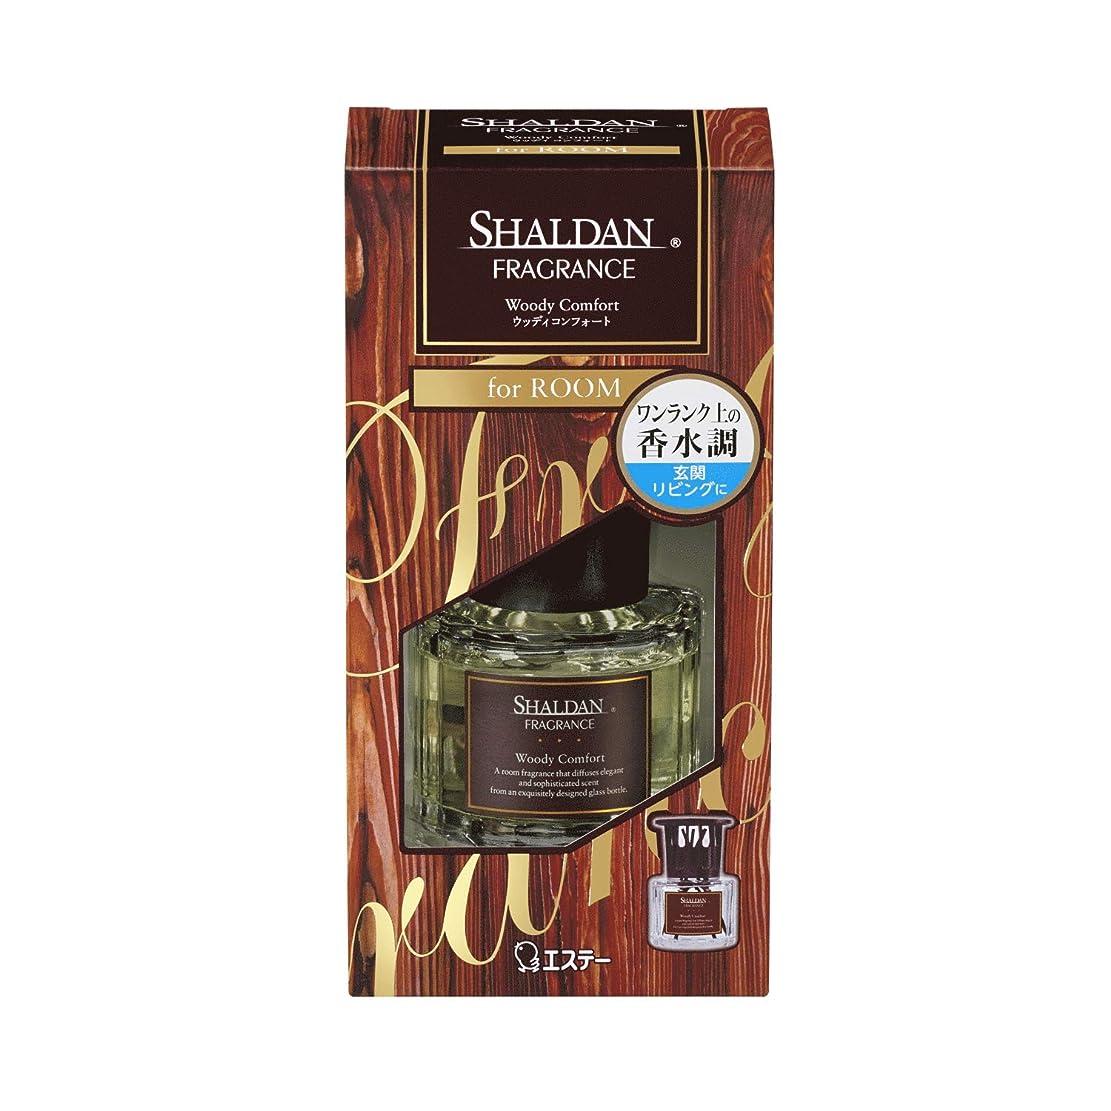 ステープル散歩に行くシリンダーシャルダン SHALDAN フレグランス for ROOM 芳香剤 部屋用 本体 ウッディコンフォート 65mL